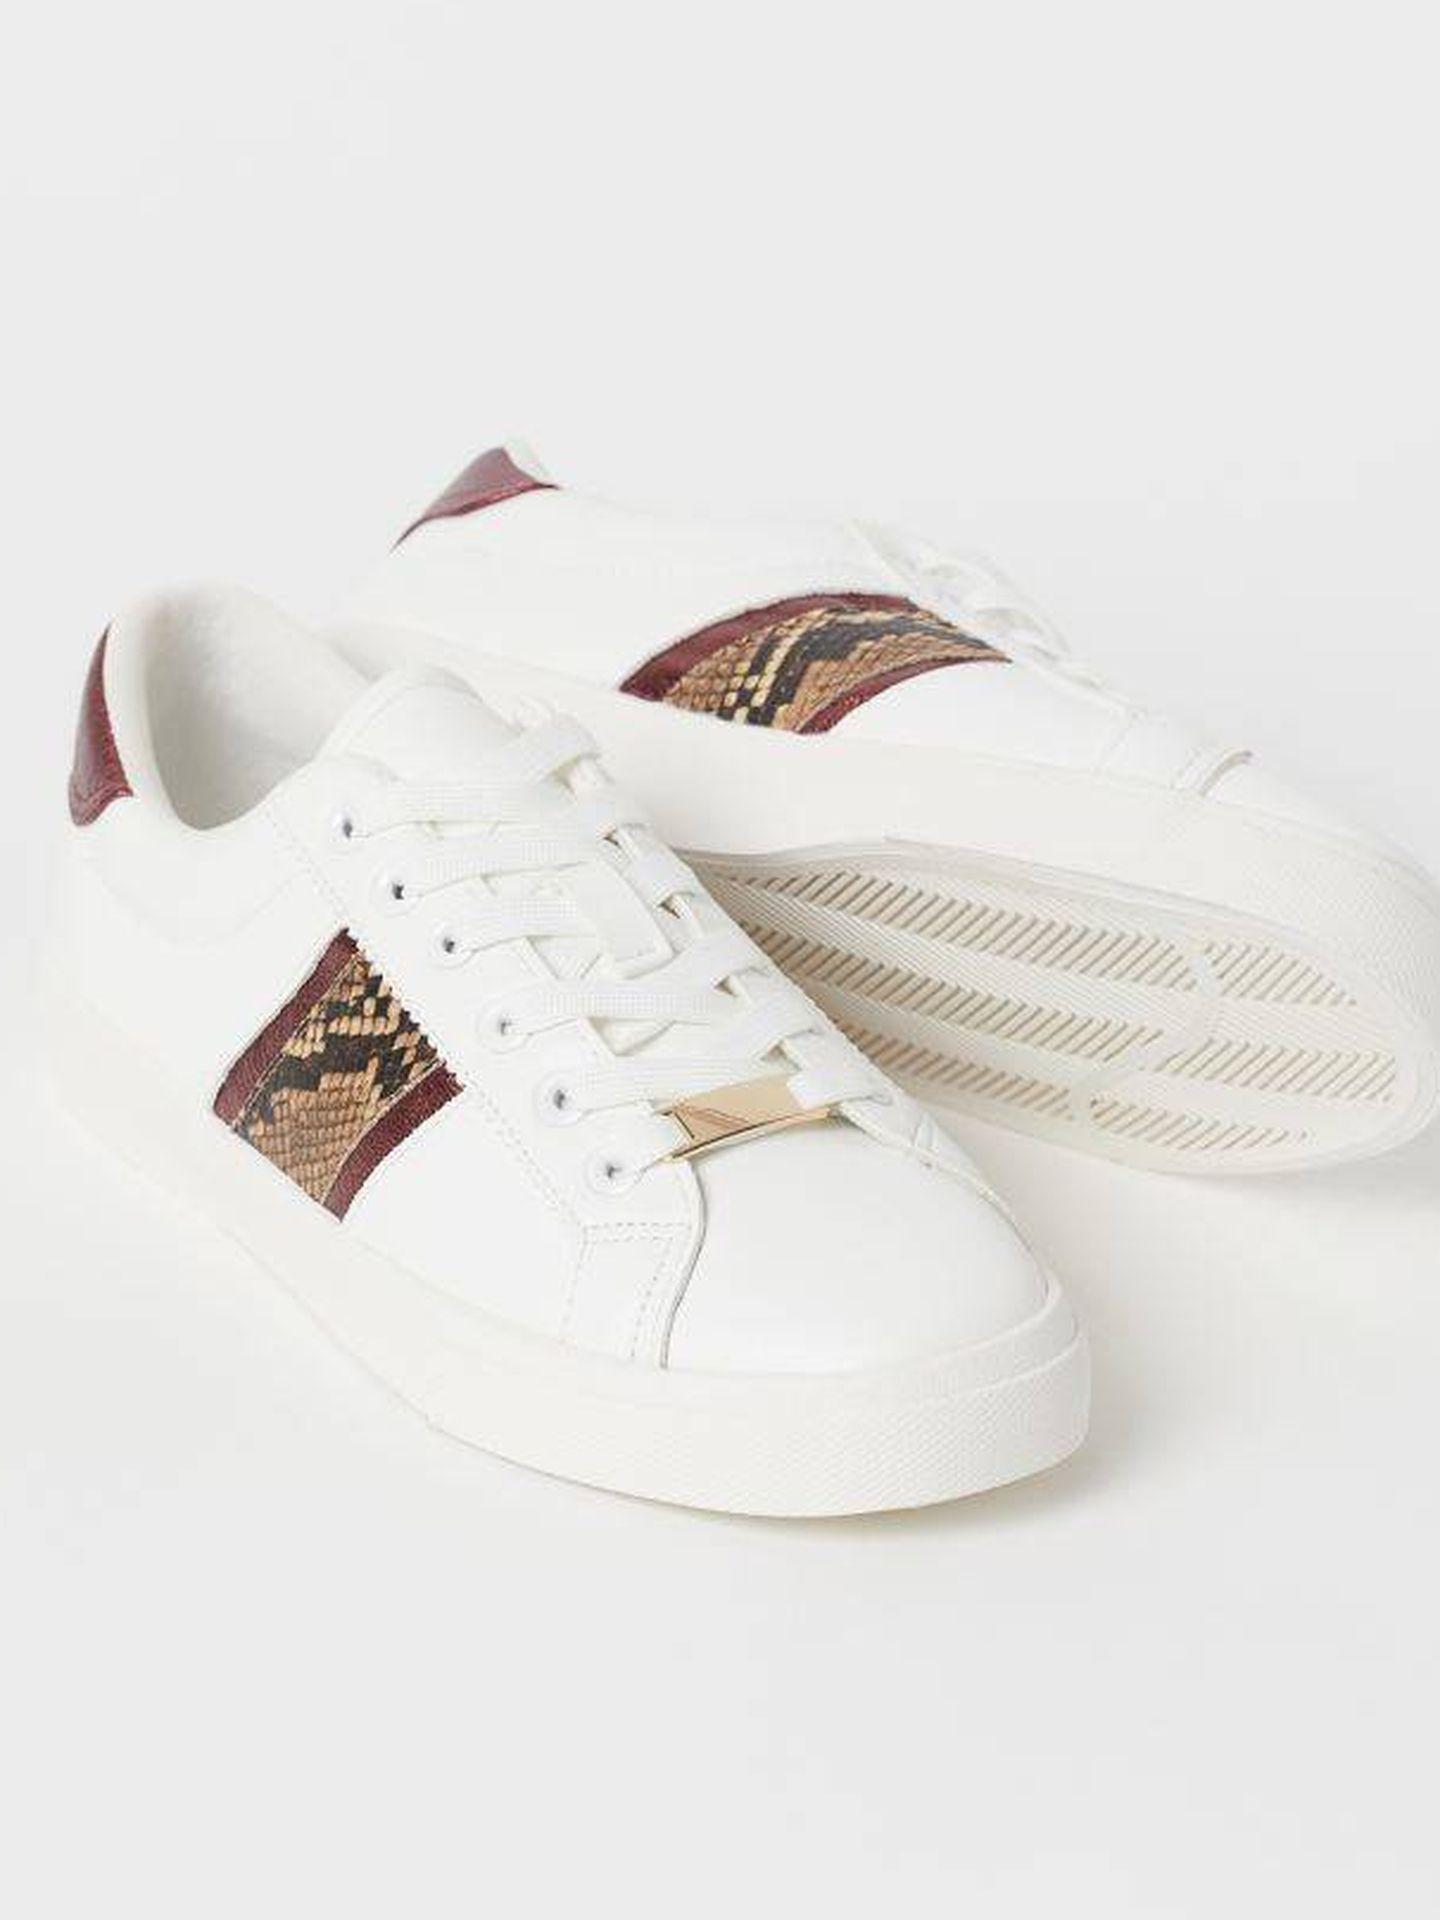 Zapatillas blancas de HyM. (Cortesía)